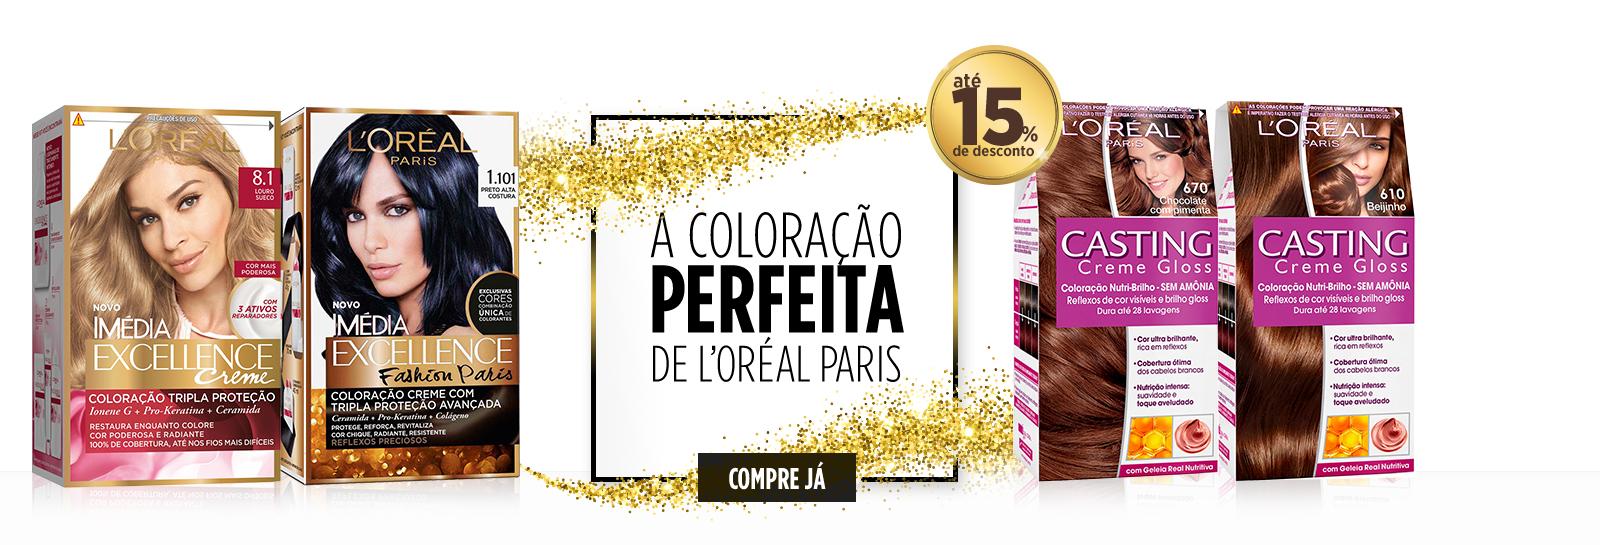 coloracao loreal paris